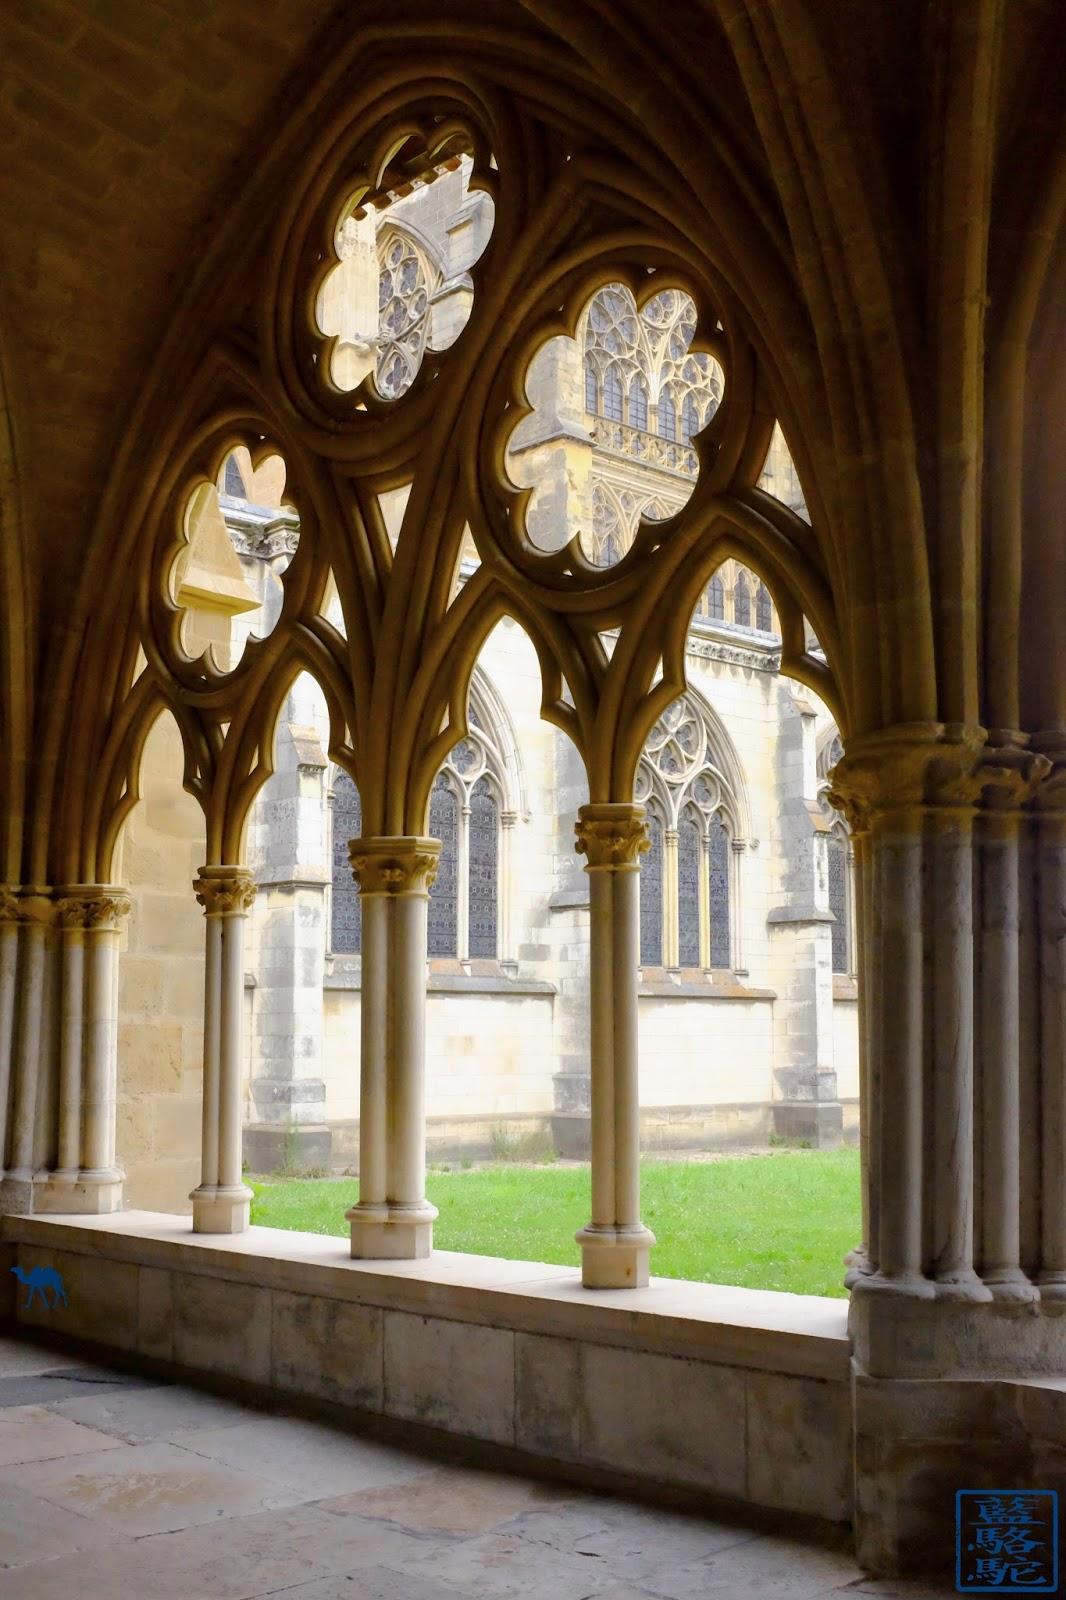 Le Chameau Bleu - Cloitre de la Cathédrale Sainte Marie à Bayonne